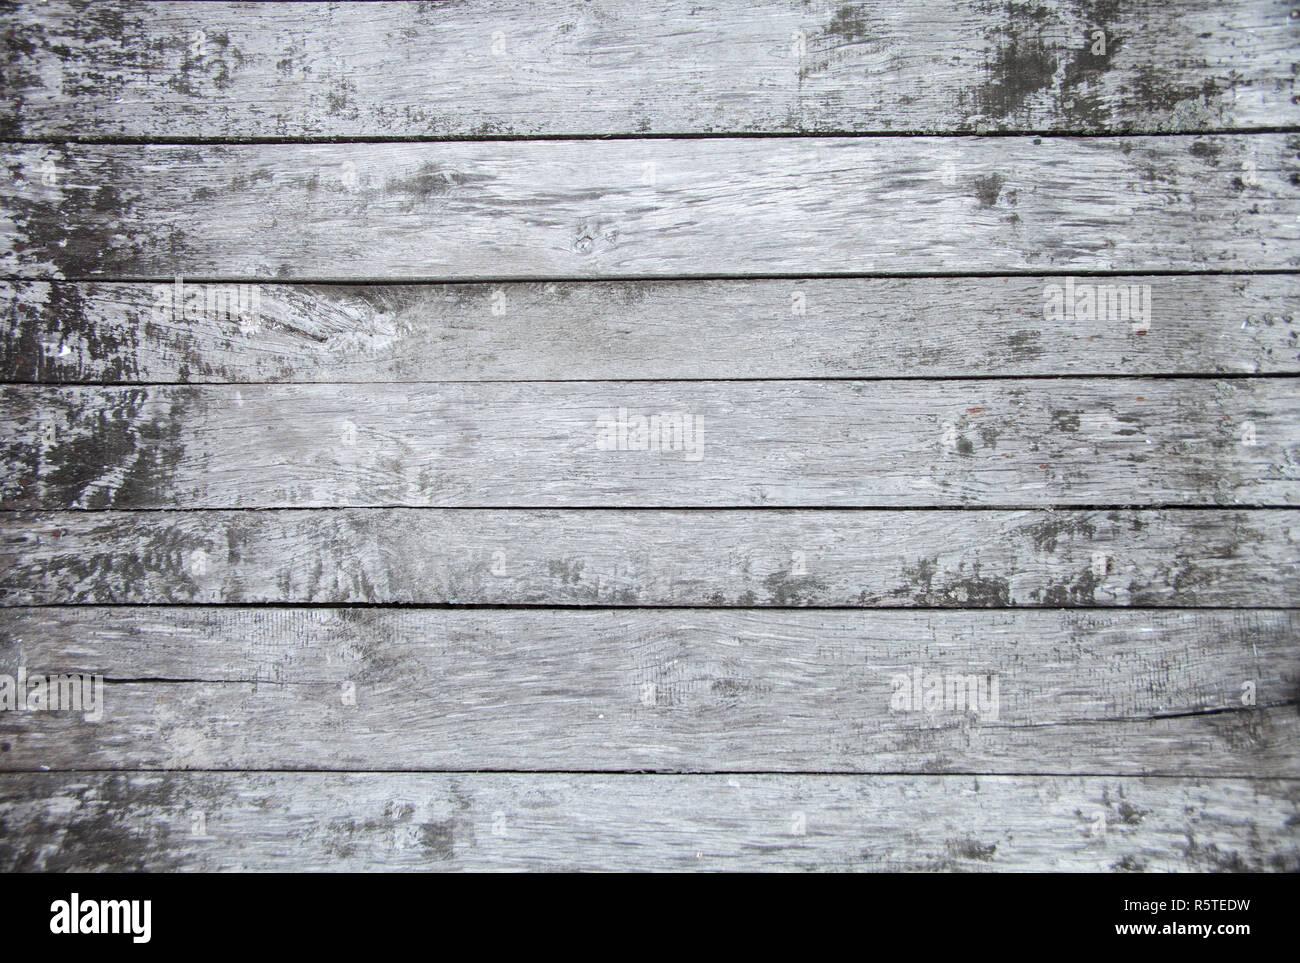 Holz Alte Weisse Und Graue Schabig Hintergrund Gemalt Naturliche